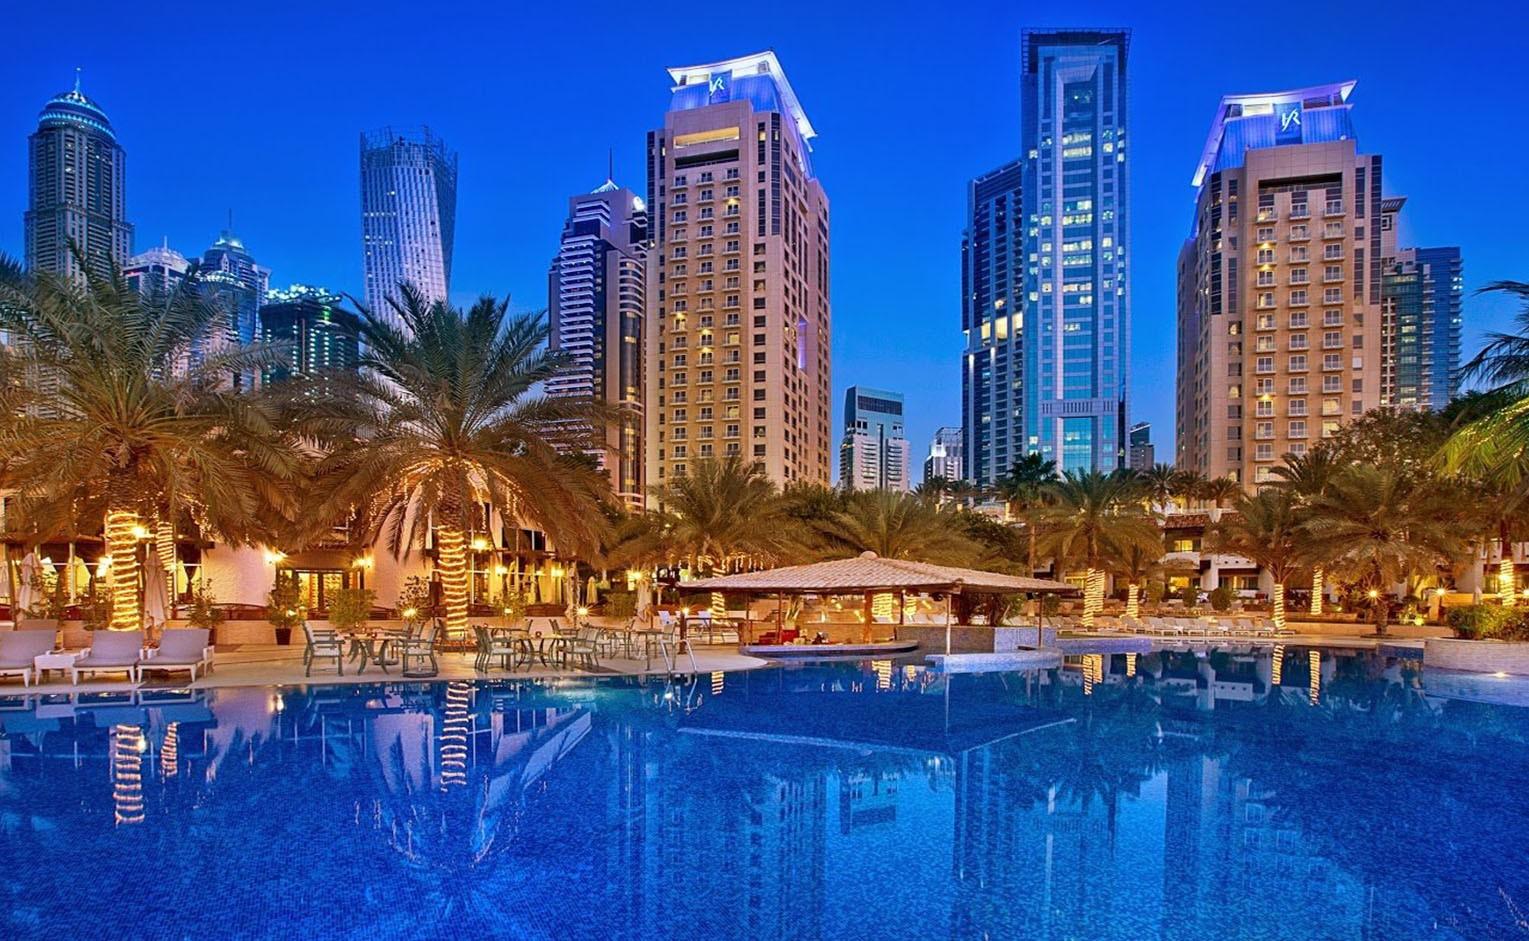 هتل لوکس هبتور گرند ، دبی + تصاویر